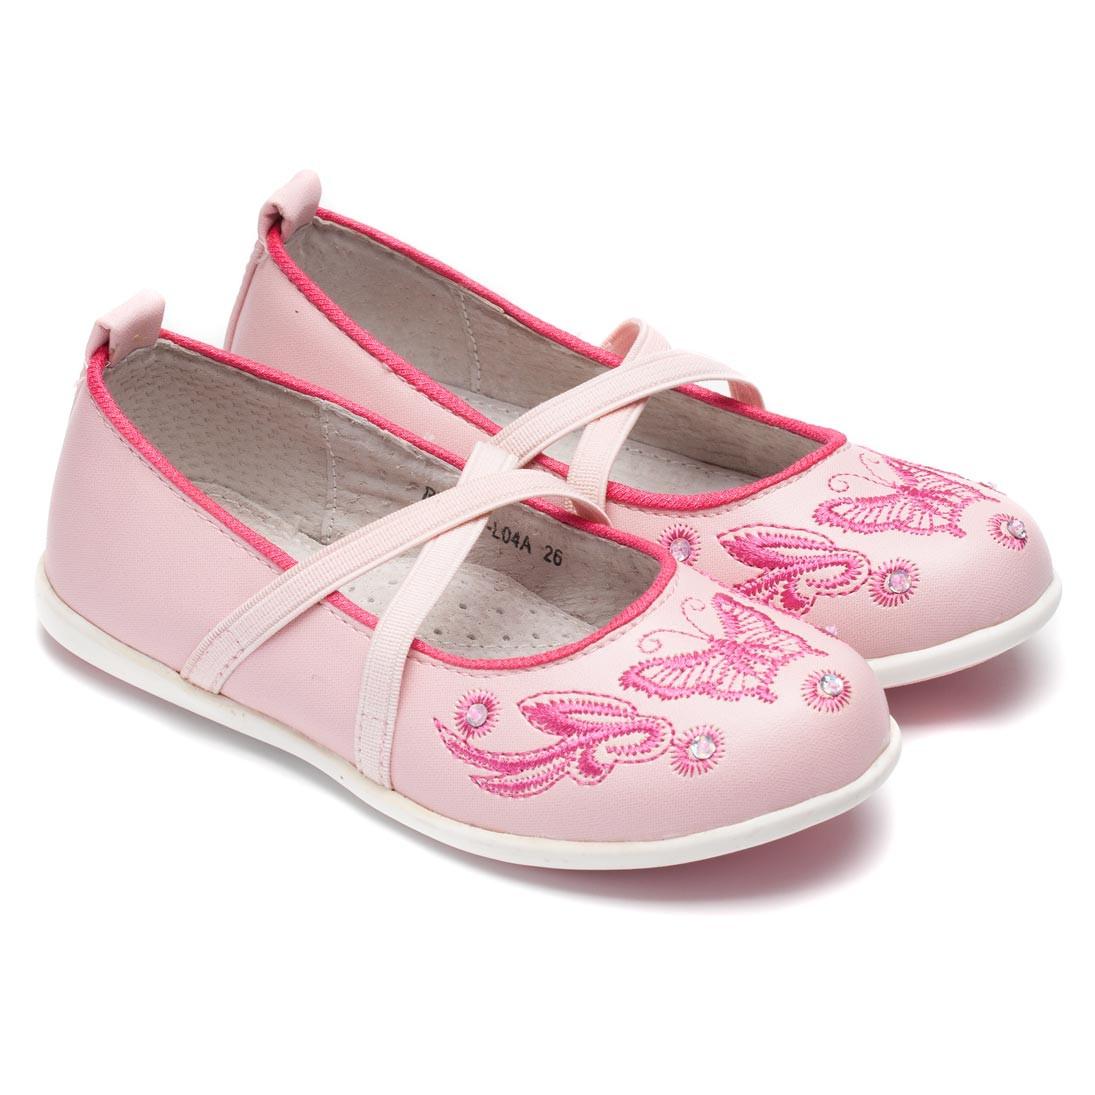 Туфли Miss Beauty для девочки, розовые с вышивкой, размер 25-30